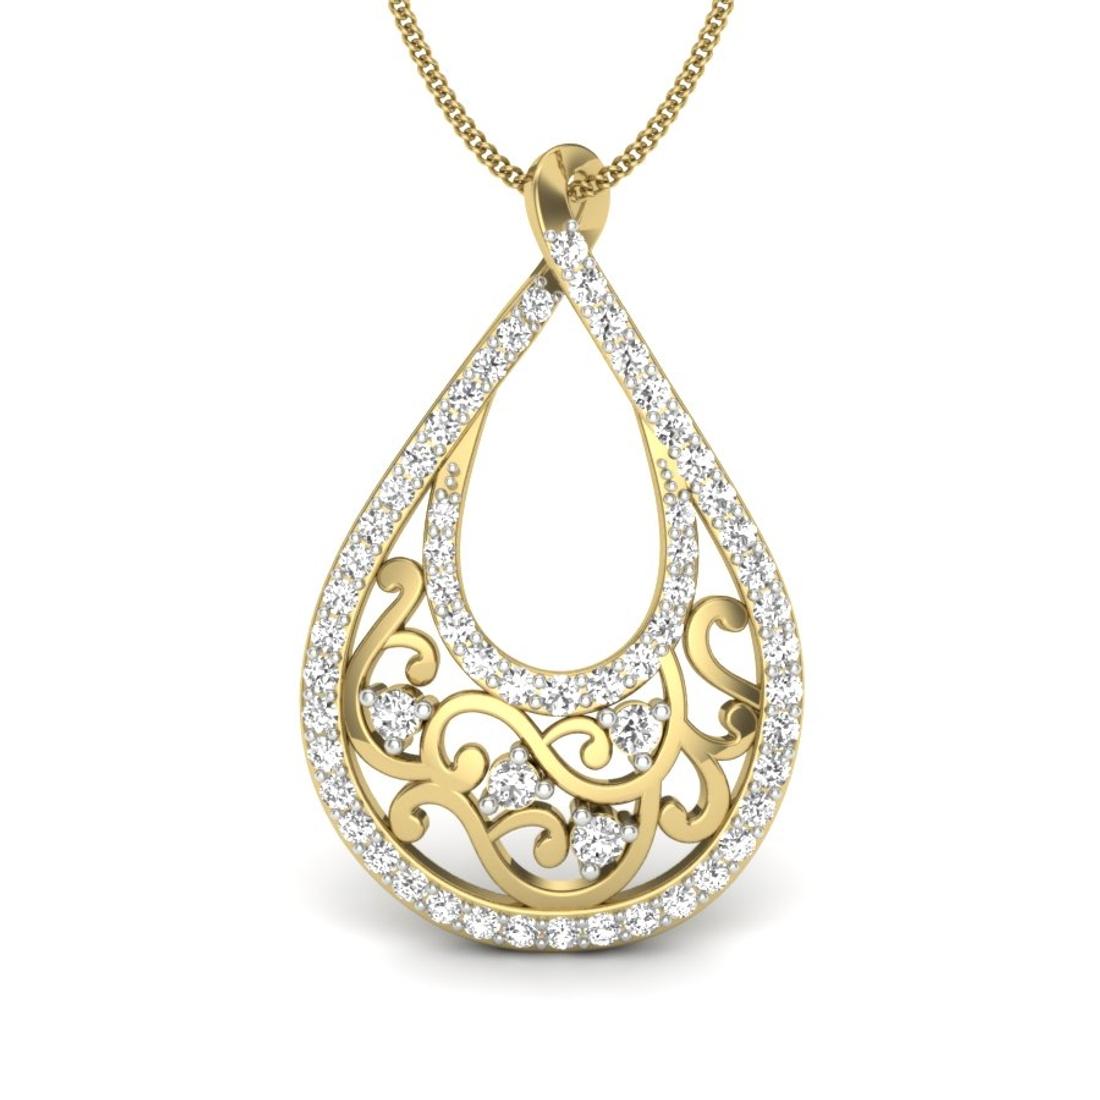 Monalisa Natural Diamonds Pendant